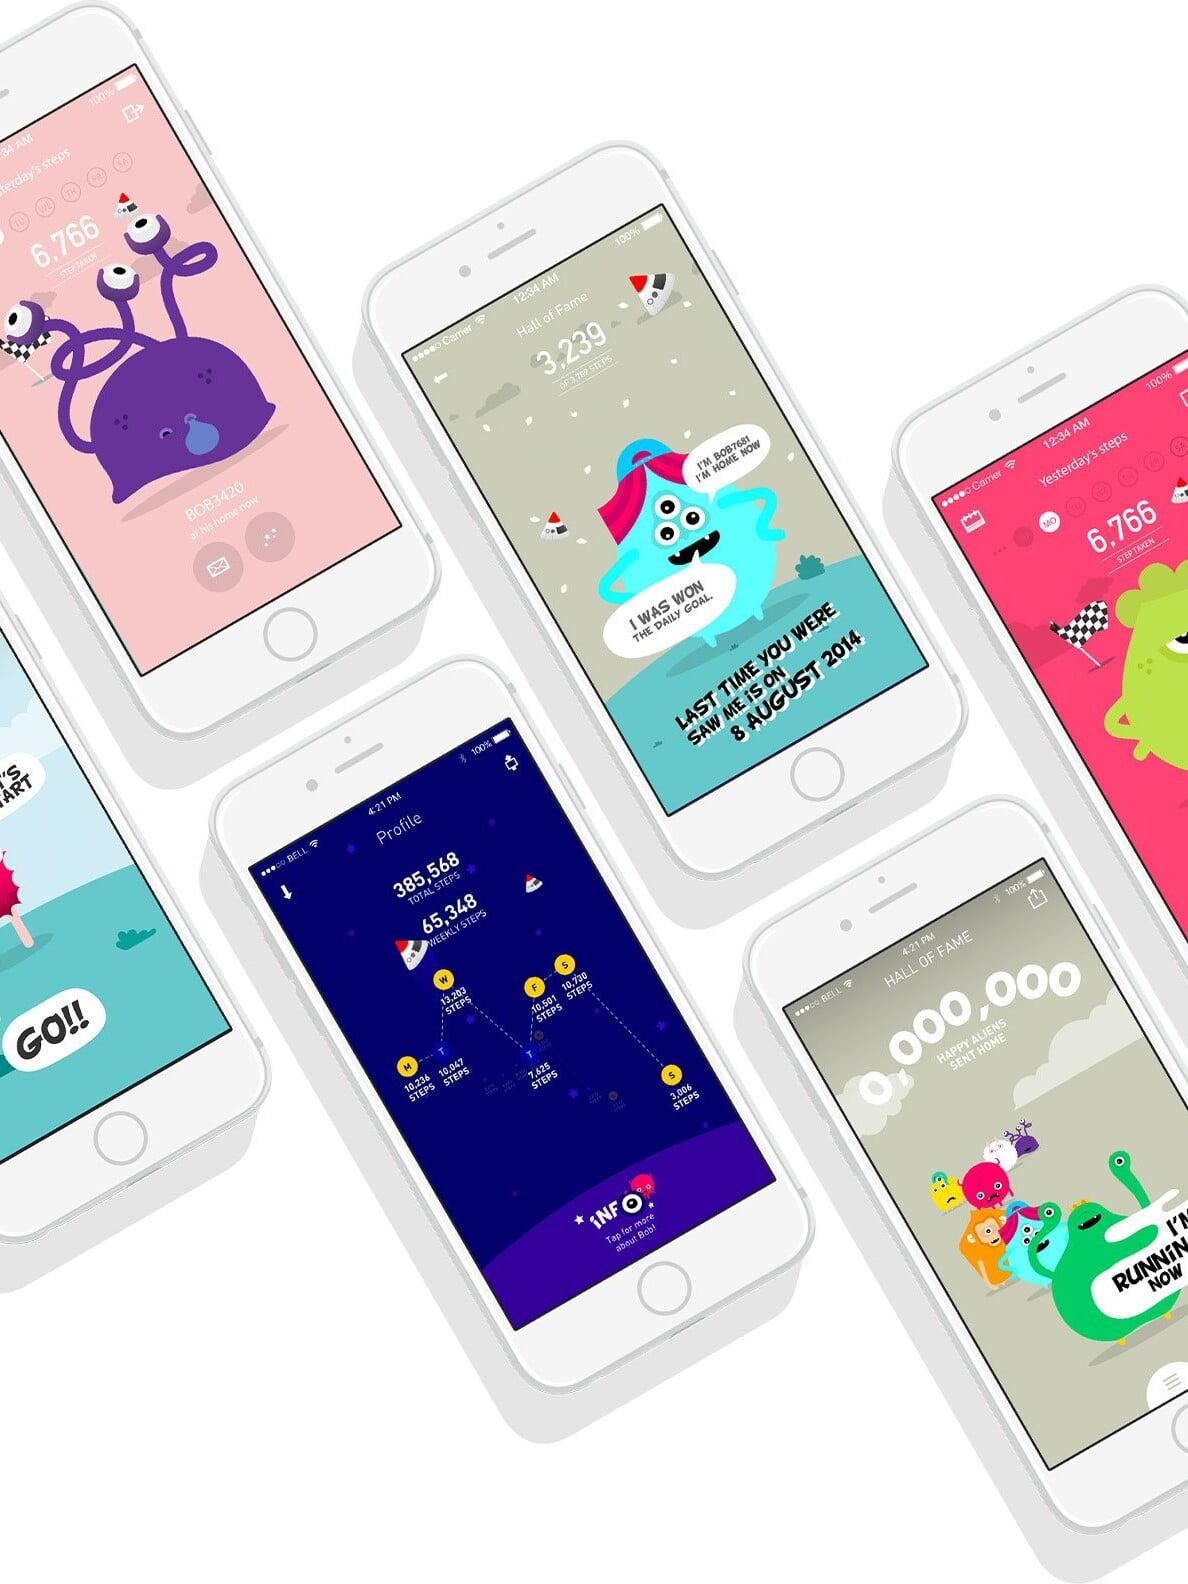 wlw-future-app-mobile-design-essex-london